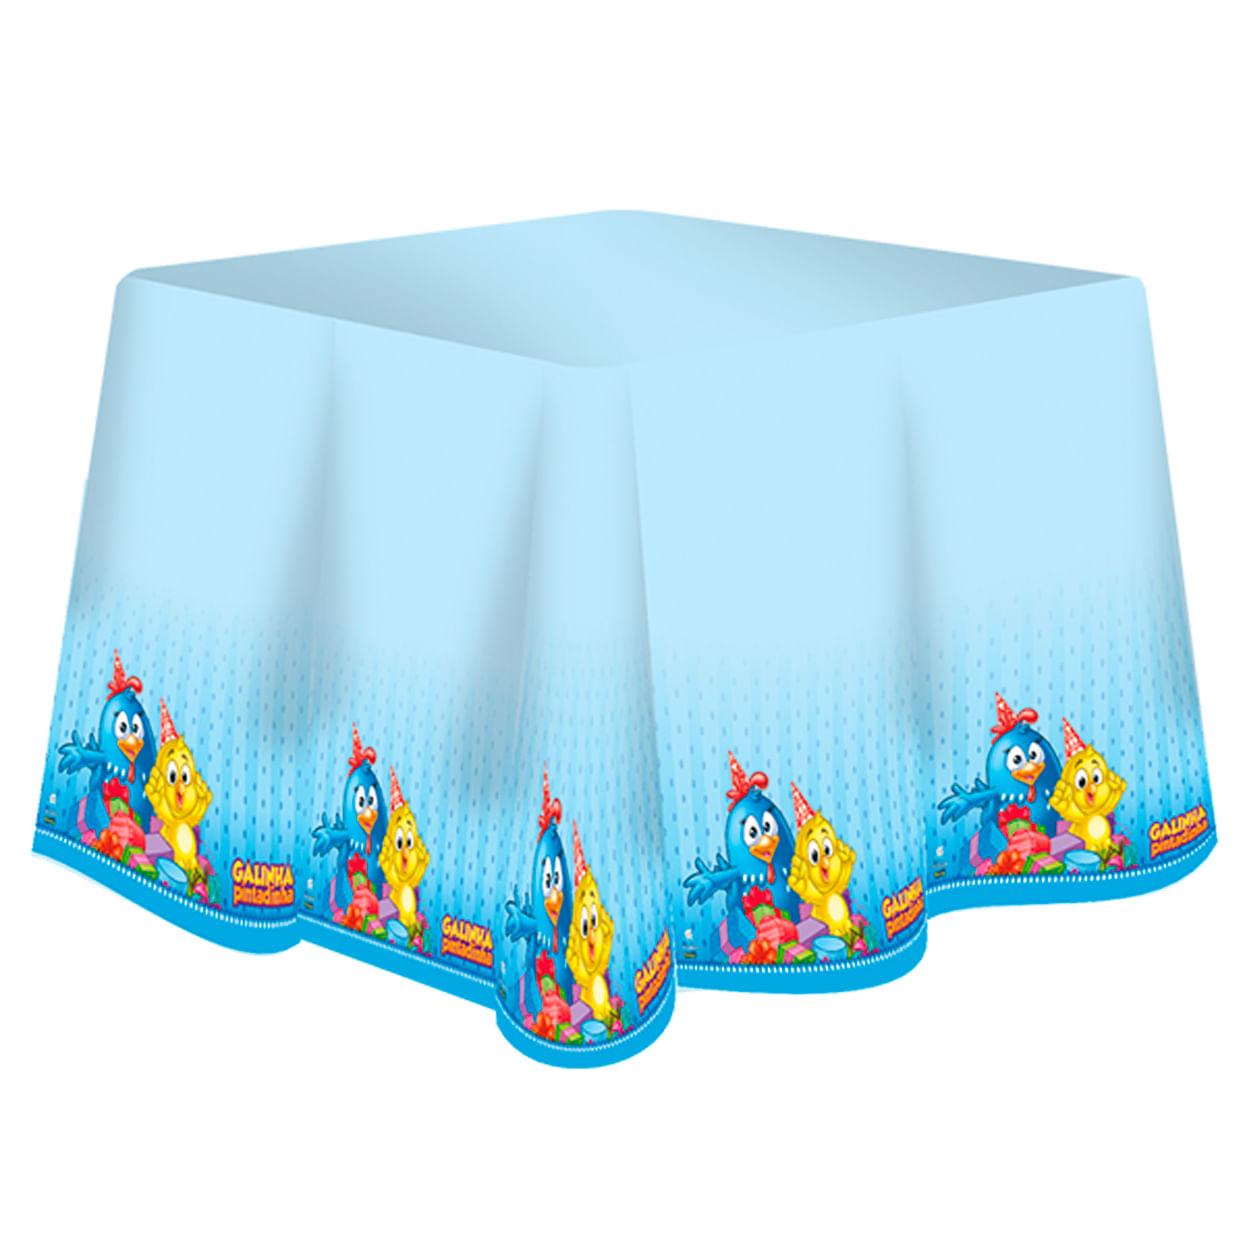 Toalha Plástica Galinha Pintadinha 1,28 X 1,80m C / 1 Unidade Único